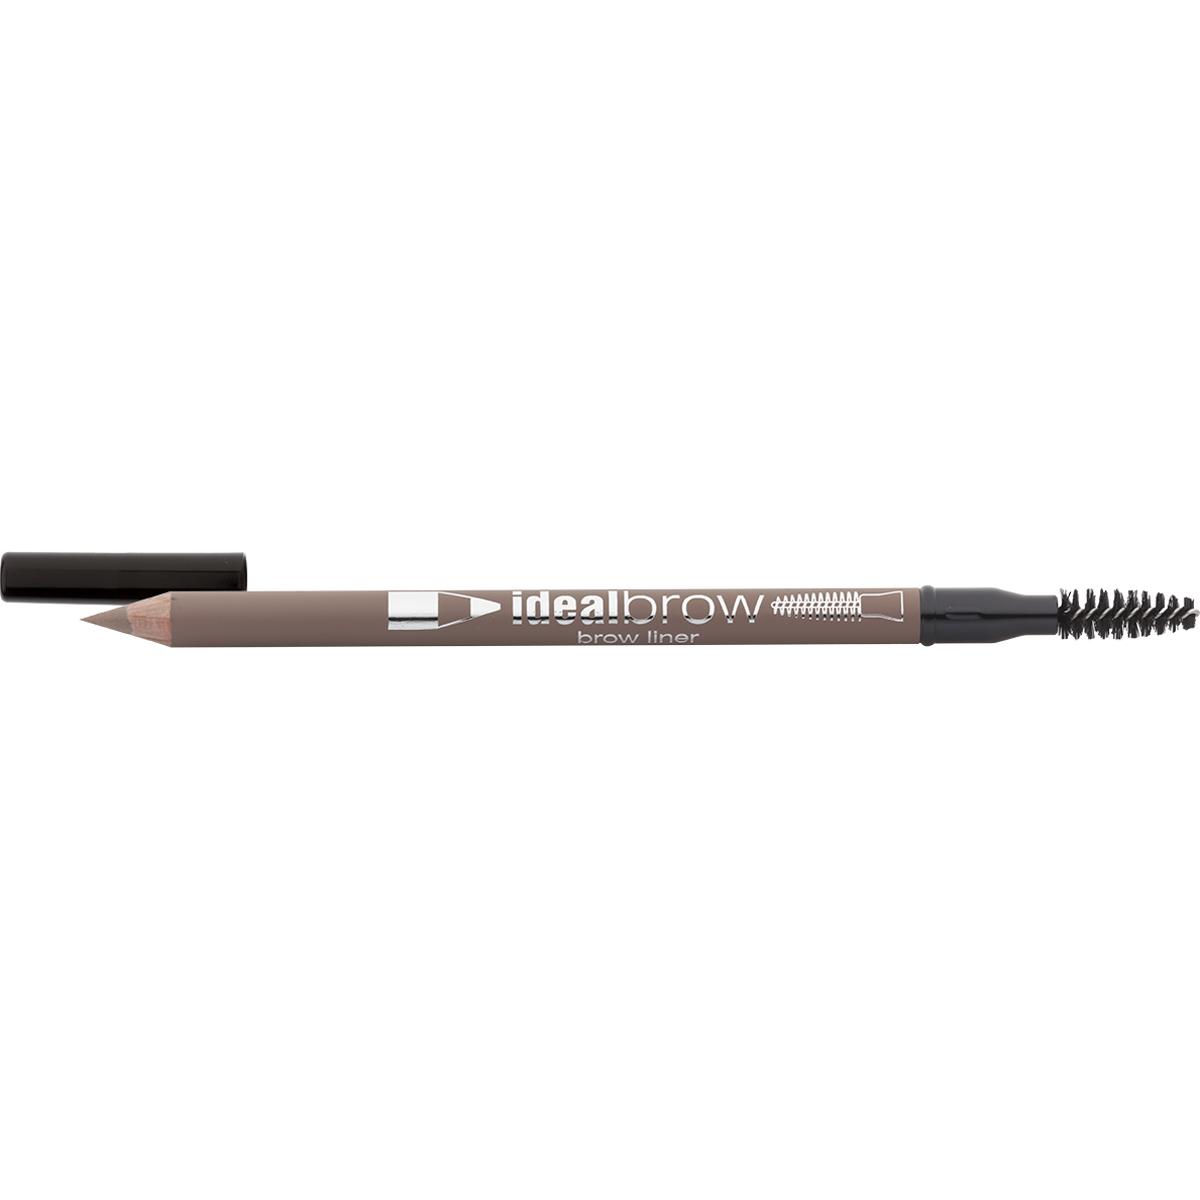 Eva Mosaic Карандаш для бровей Ideal Brow, 1,2 г, Анютины Глазки685167Карандаш для бровей подчеркнет их линию и сделает более ухоженными. - пудровая текстура - легко наносится и держится в течение всего дня - содержит каолин и специально подобранные воски - удобная щеточка для укладки - три оттенка для разных типов внешности